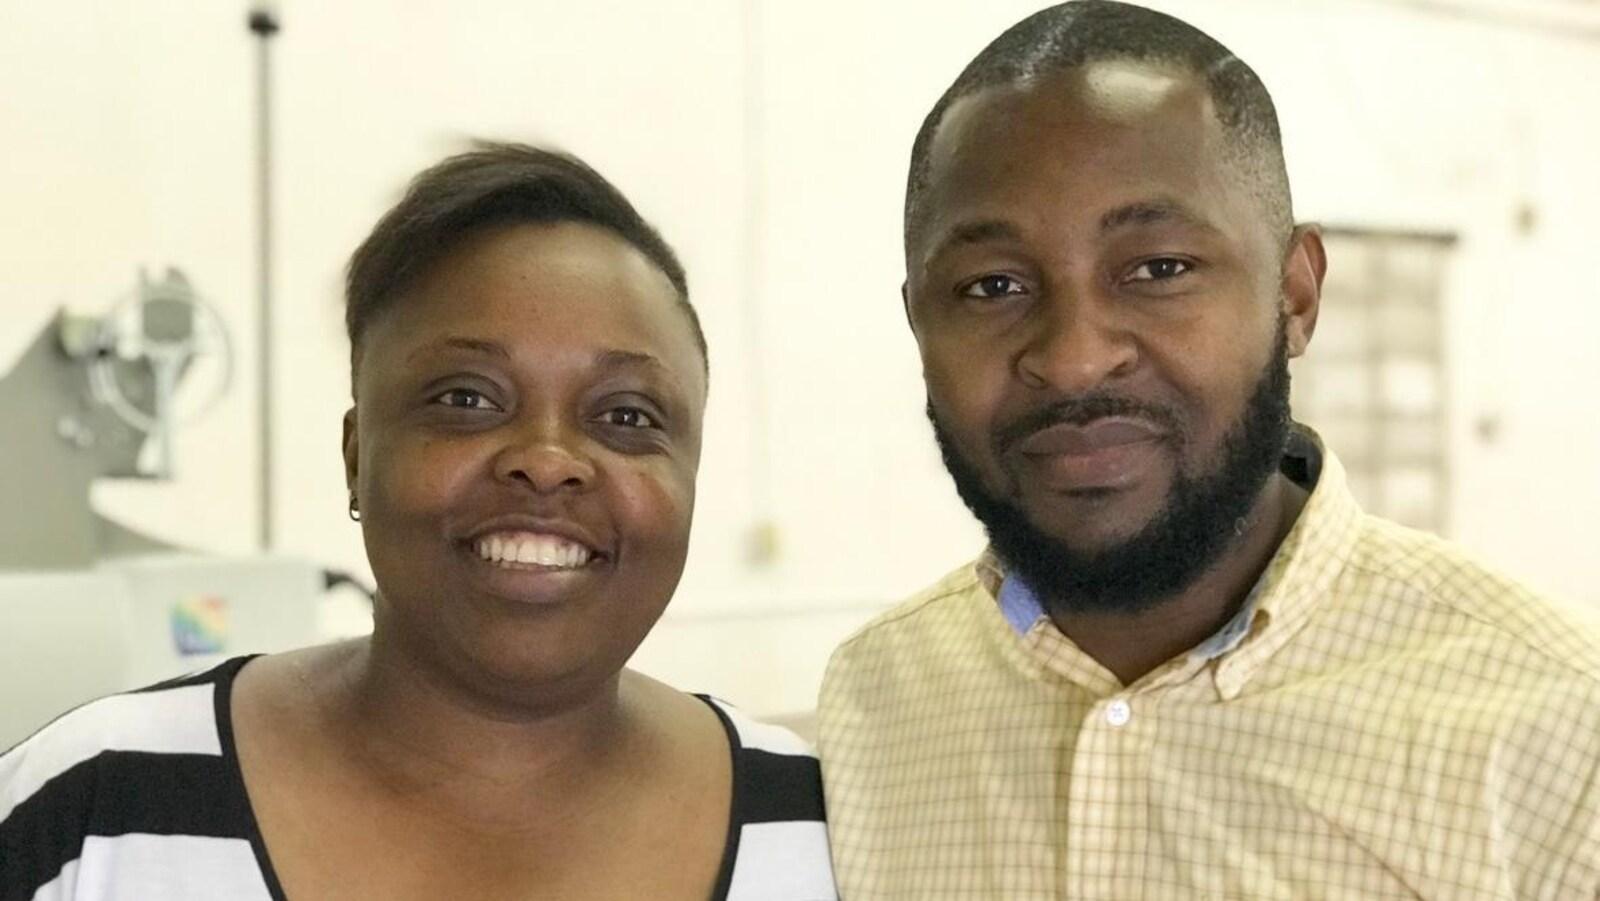 Le couple d'entrepreneur regarde la caméra.